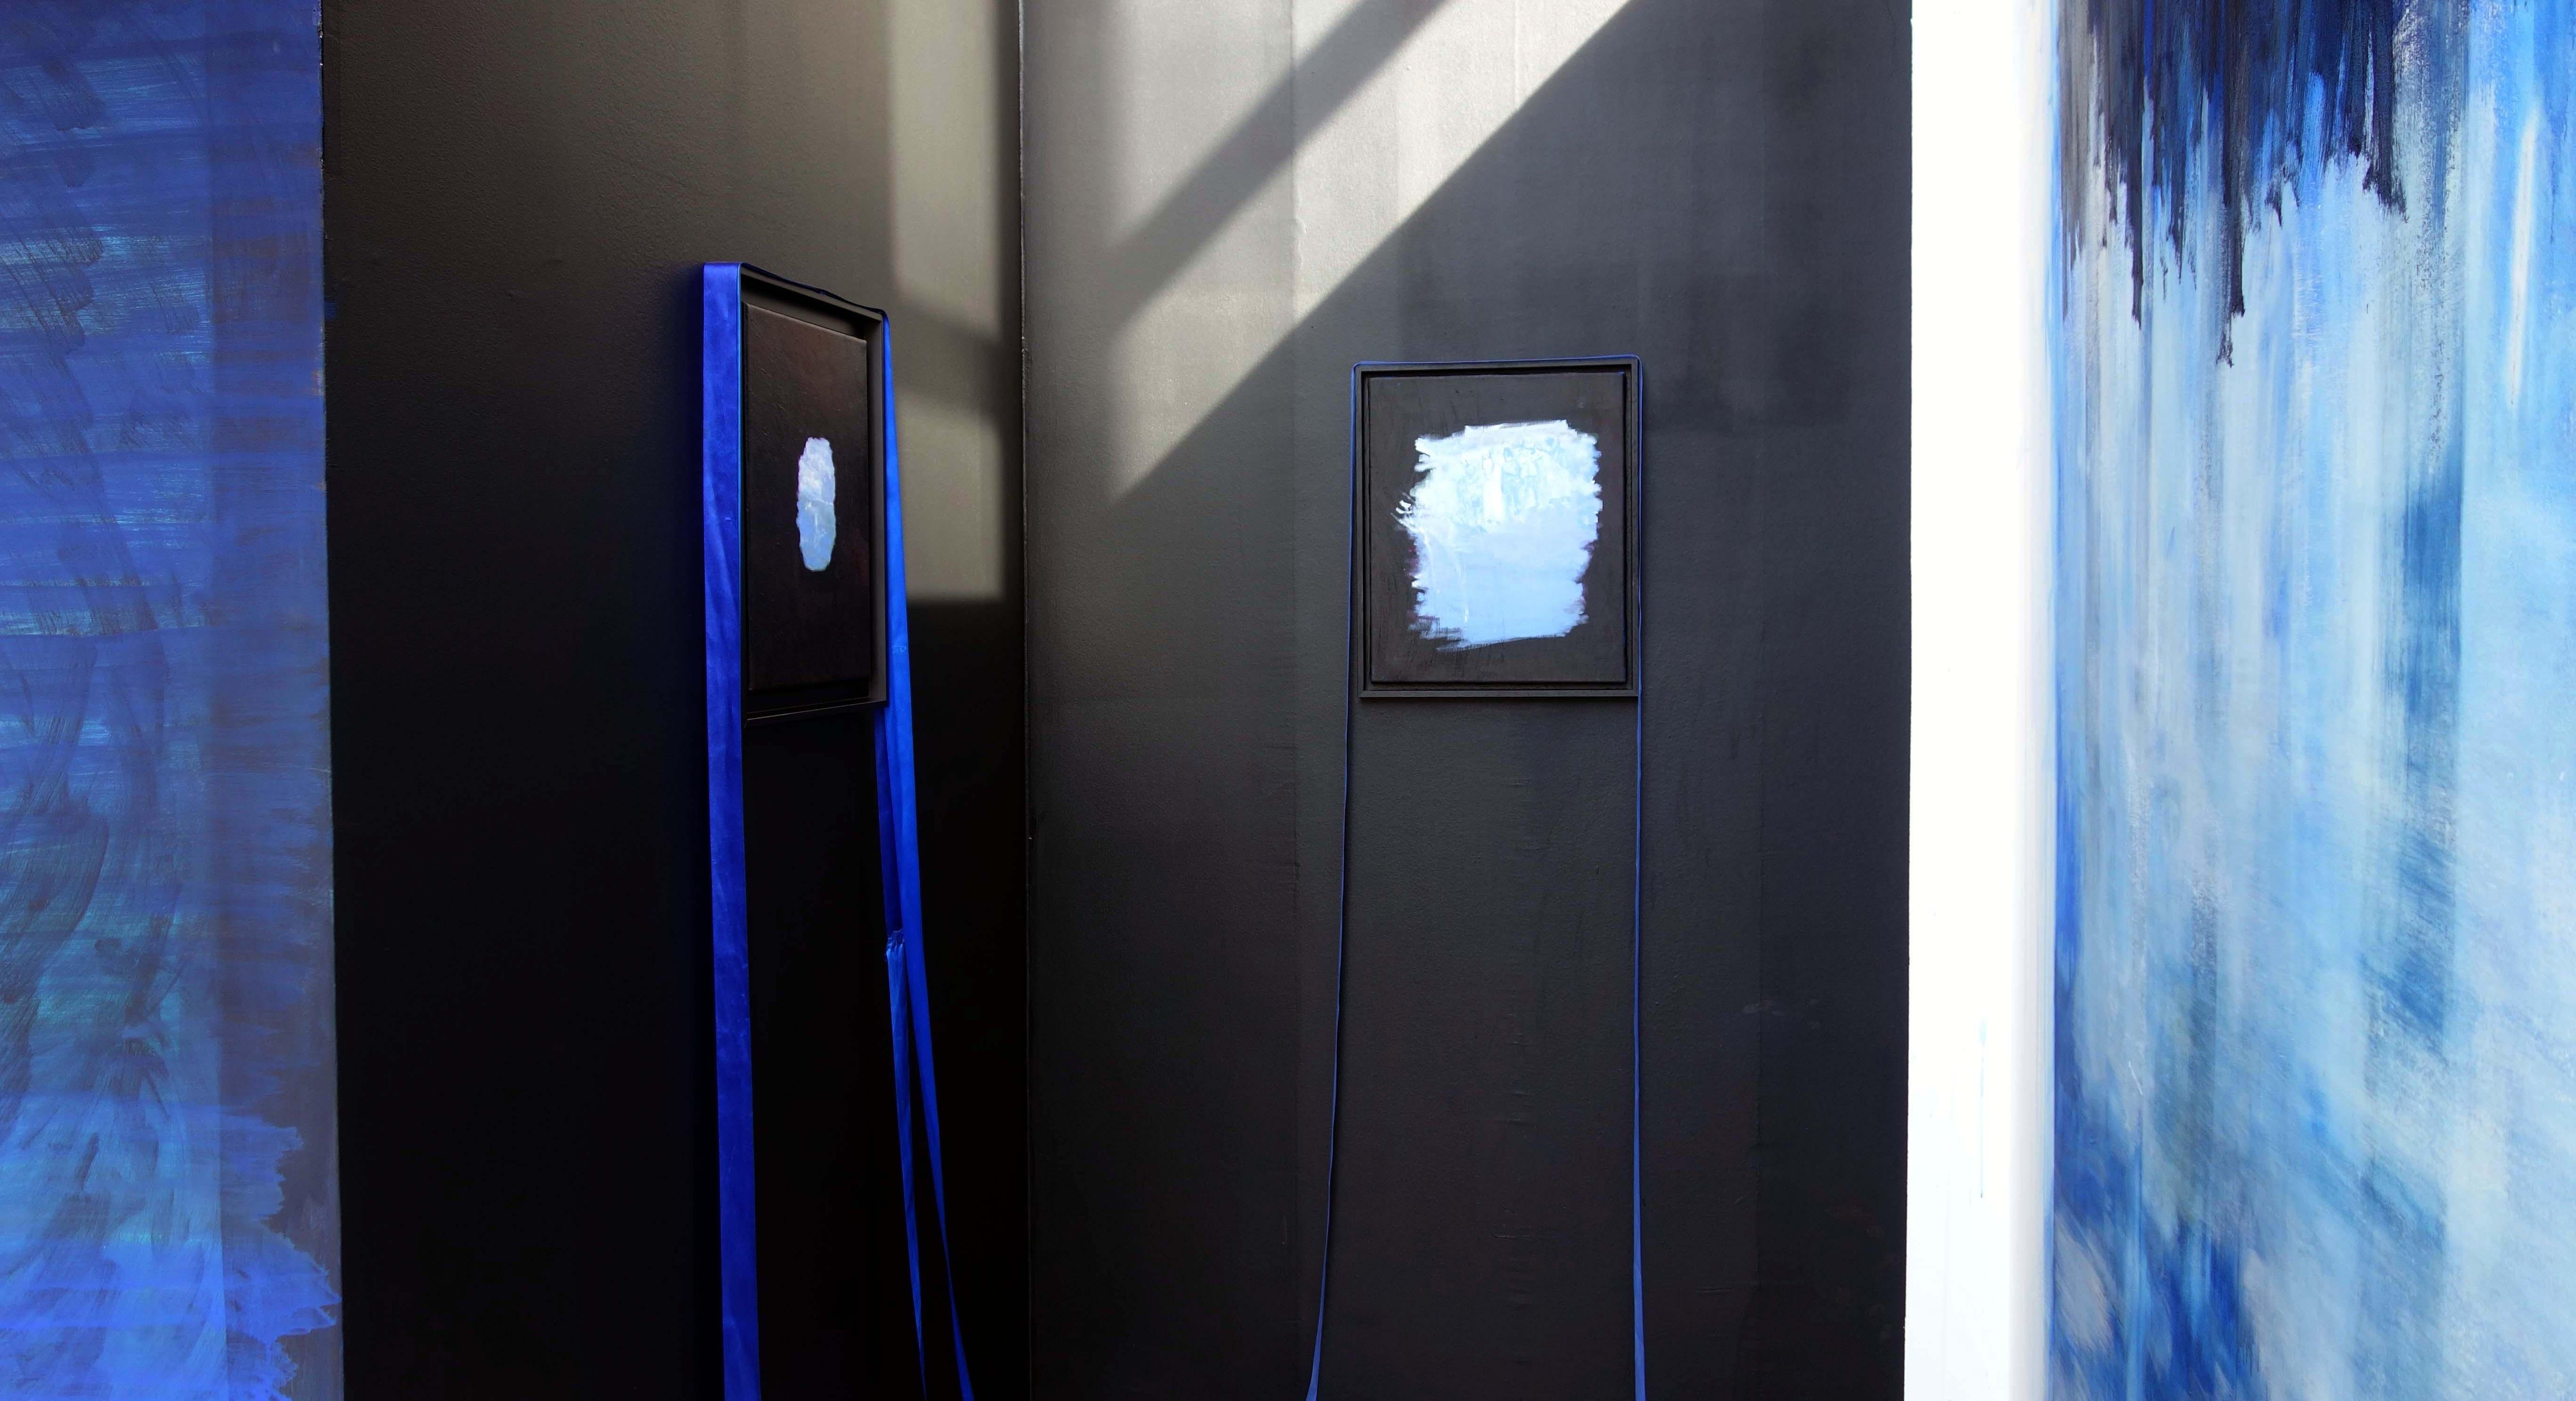 emmanuelle rosso artiste plasticienne visual artist troupe erratum blue theater project salon de montrouge art contemporain